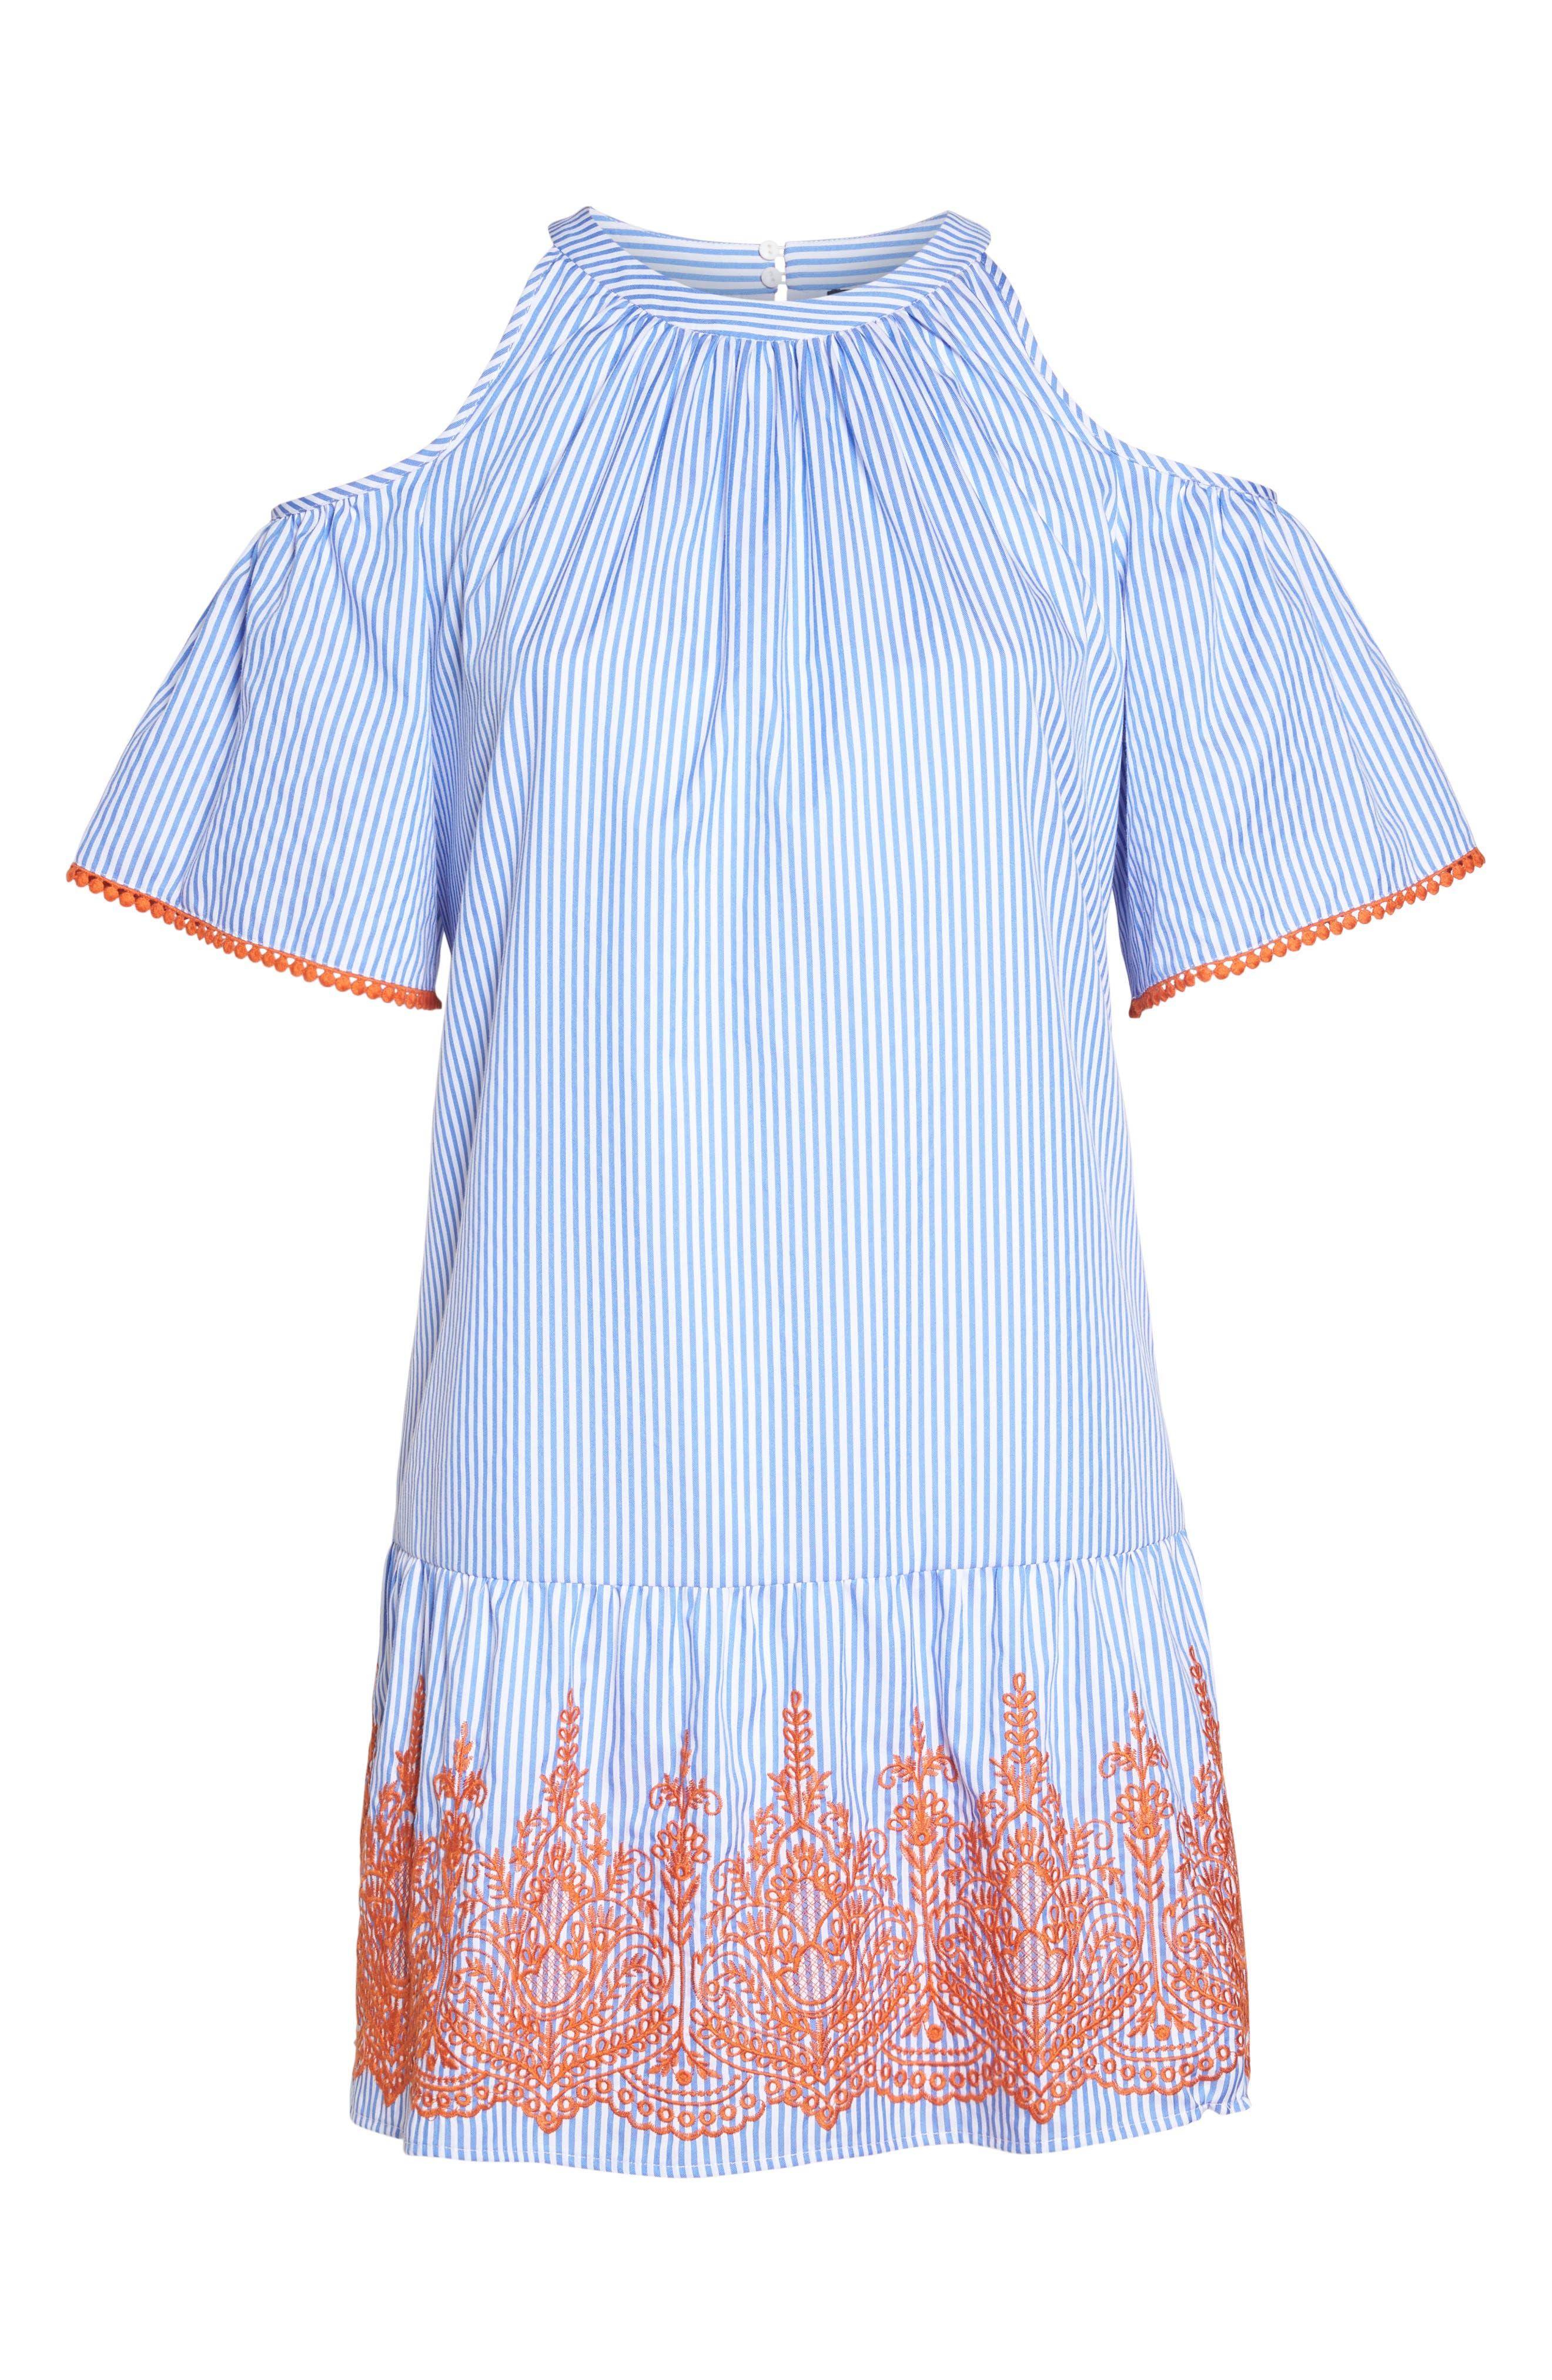 Embroidered Stripe Cold Shoulder Shift Dress,                             Alternate thumbnail 6, color,